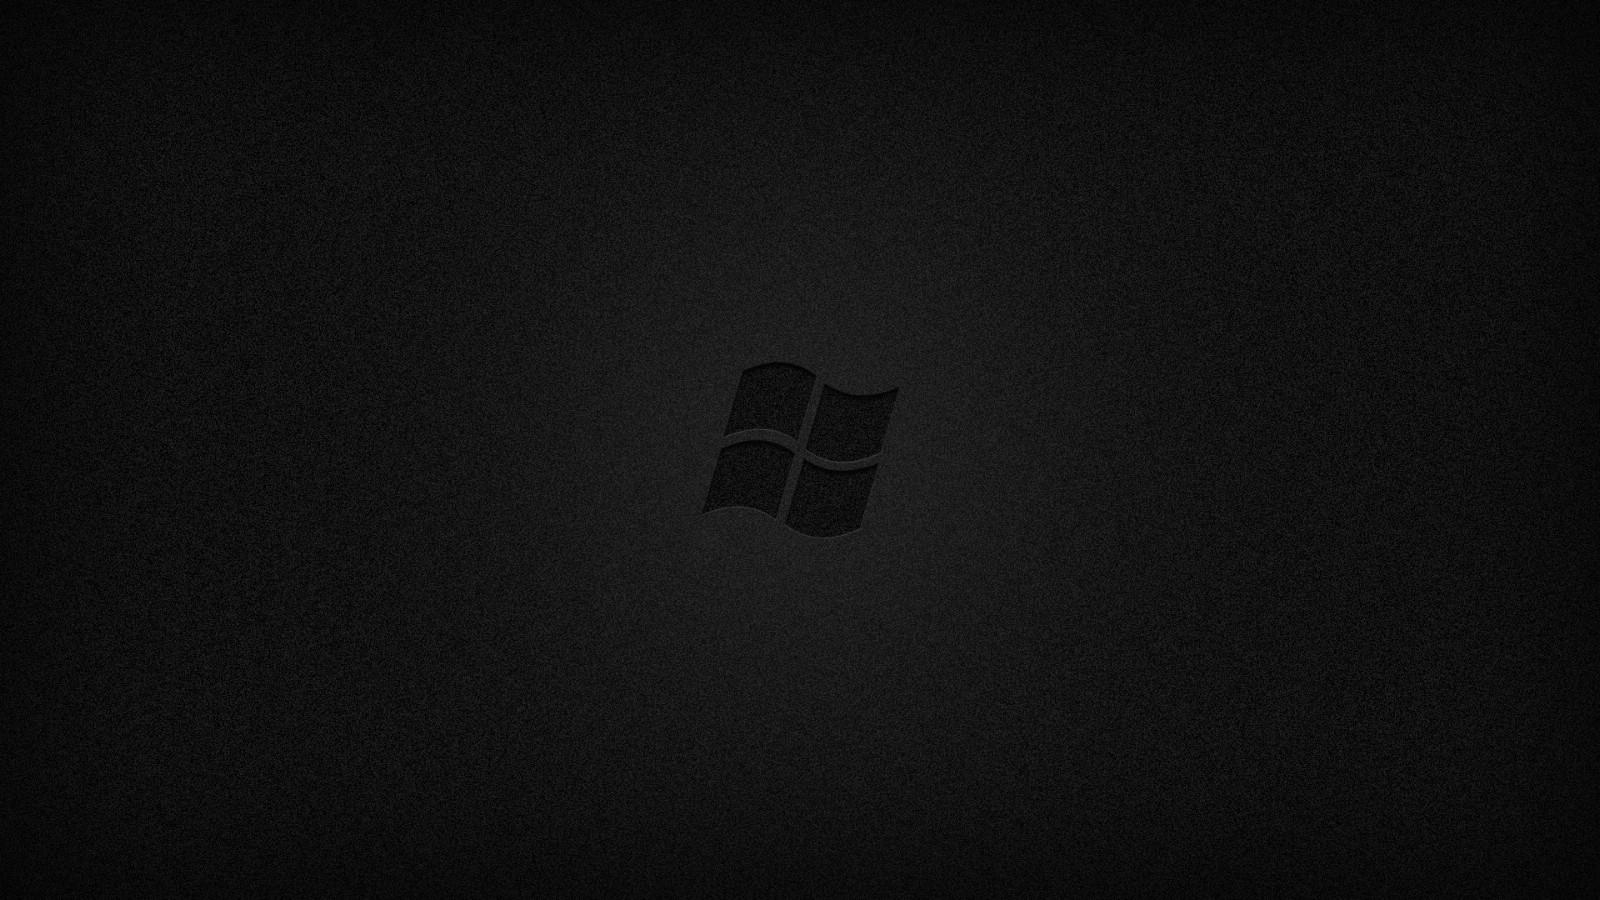 壁纸_壁纸1600×900黑色沙纹简约XP壁纸 多分辨率 壁纸81920x1080壁纸,黑色 ...